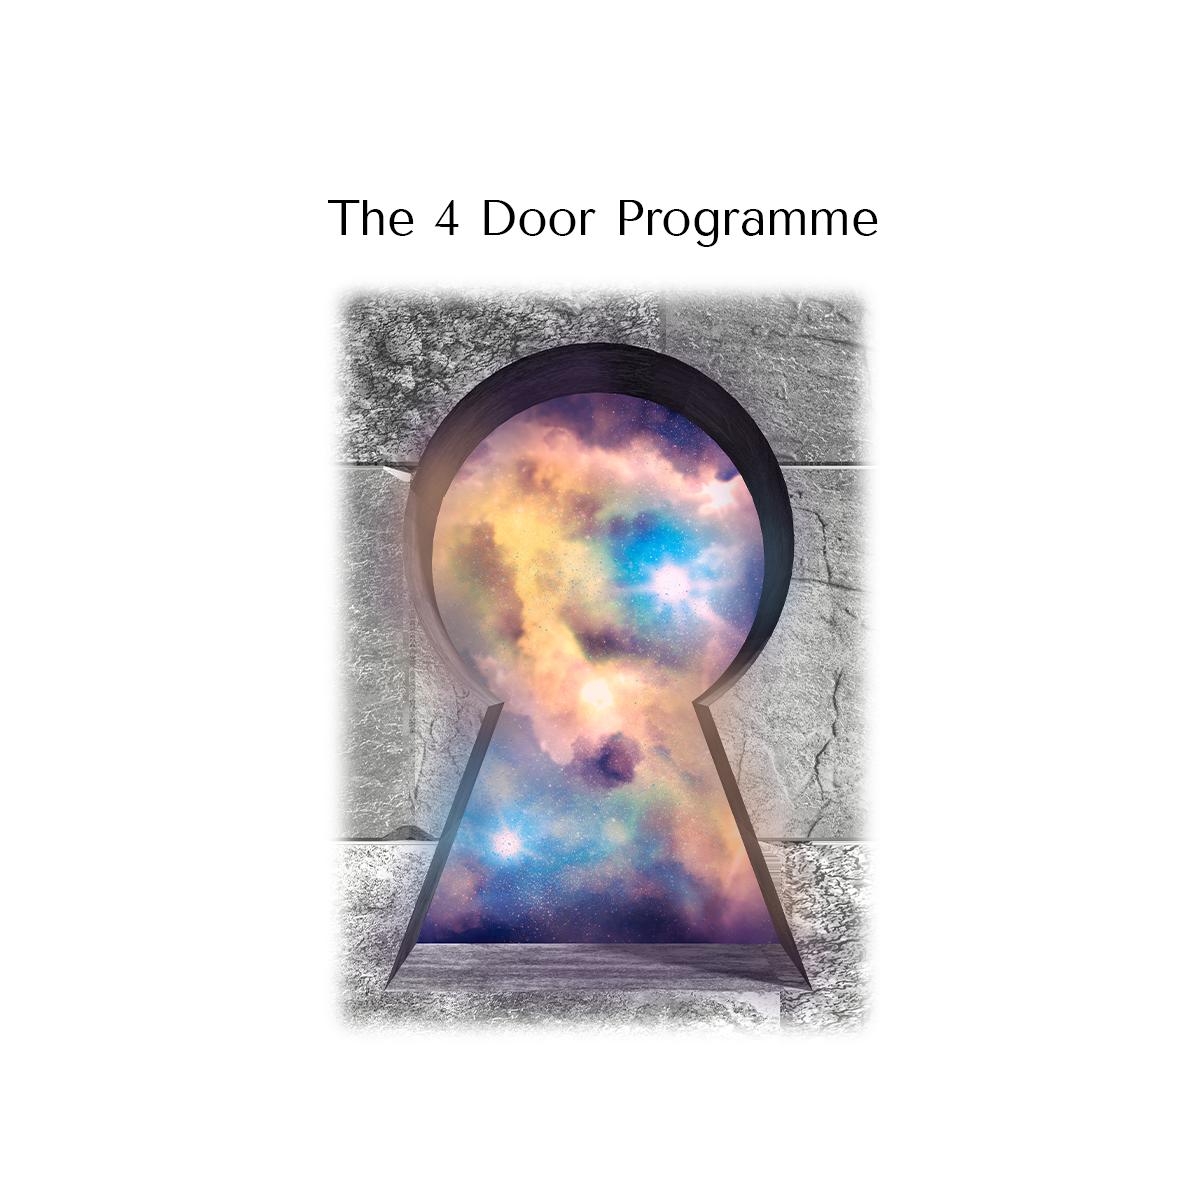 https://www.robertperryhealing.com/wp-content/uploads/2021/05/Produst-image-The-4-Door-Programme-2.0.png